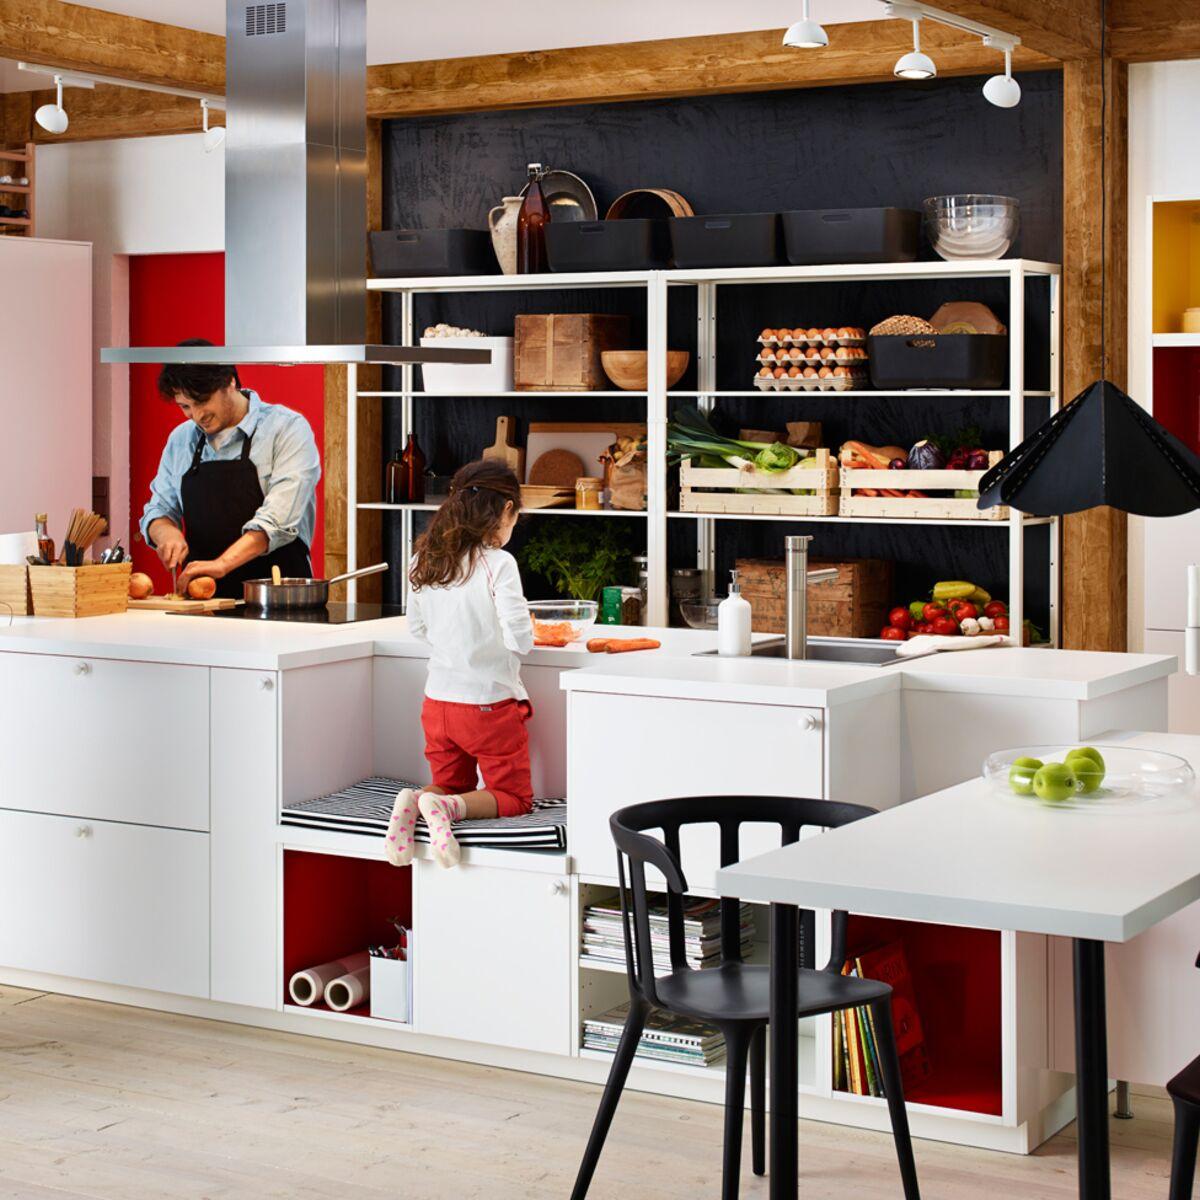 Verriere Pas Cher Ikea un ilot central pour ma cuisine, les conseils d'ikea